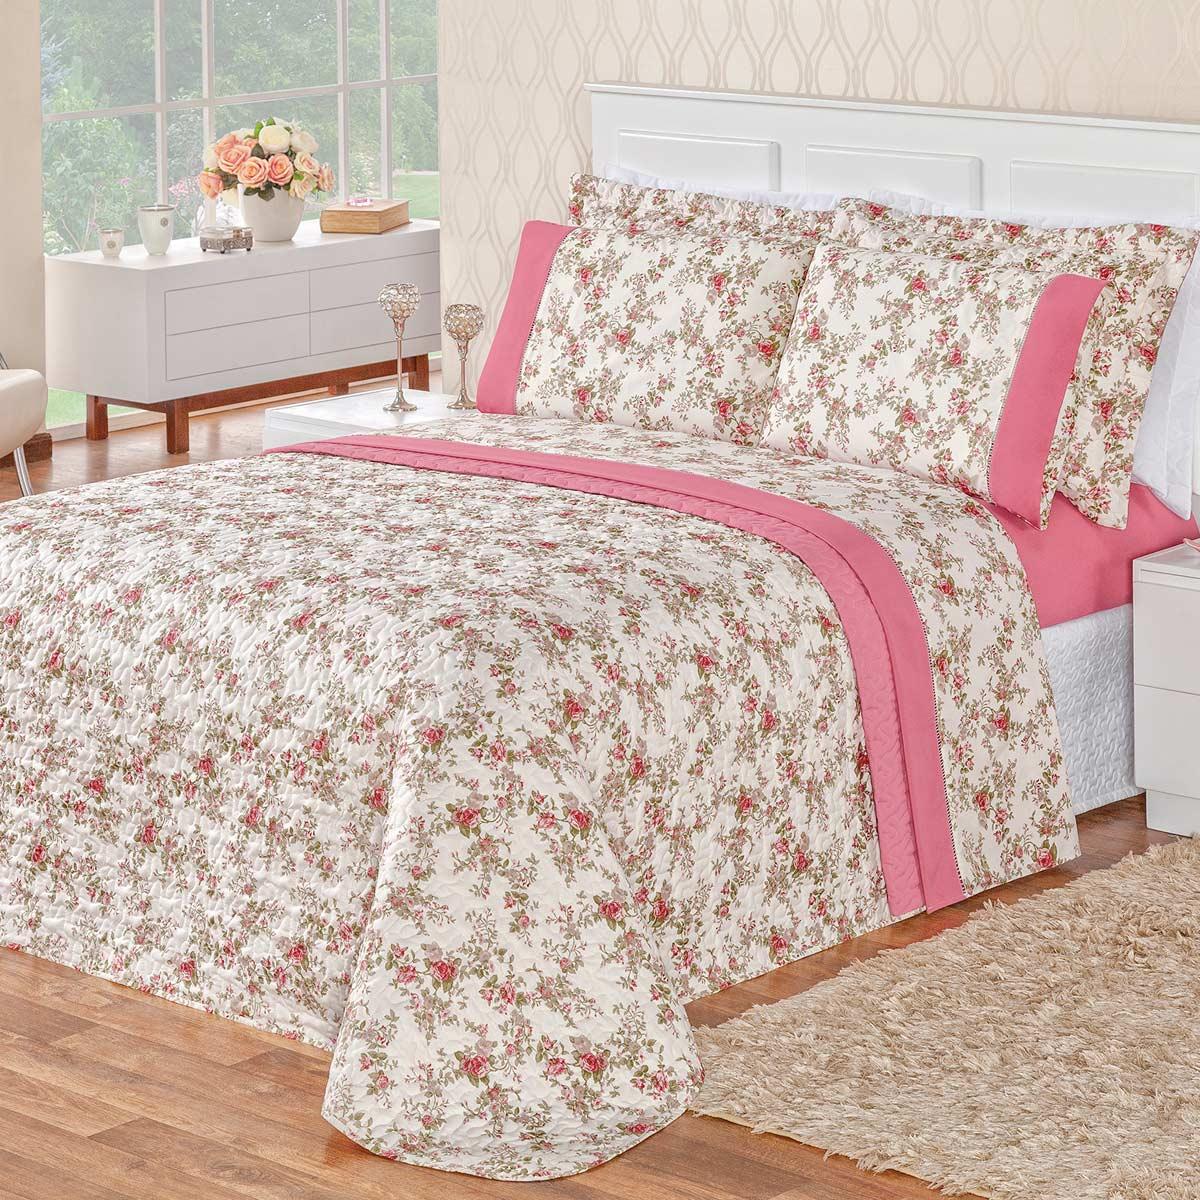 Cobre Leito Naturale Floral Rosa Queen Dupla Face MicroPercal 200 Fios 03 peças